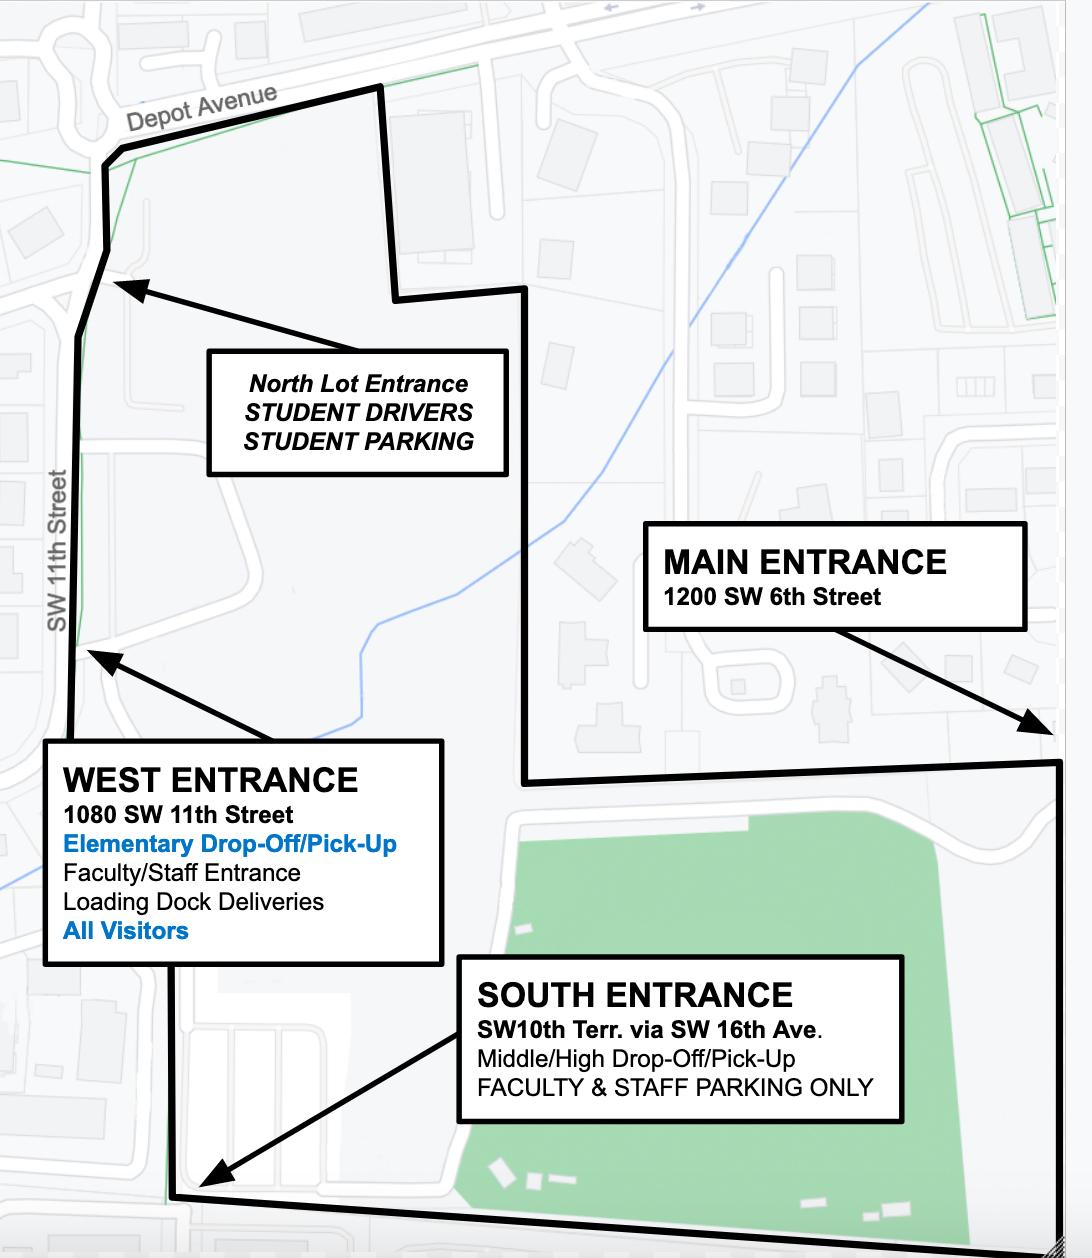 All Entrances to P.K. yonge - Map